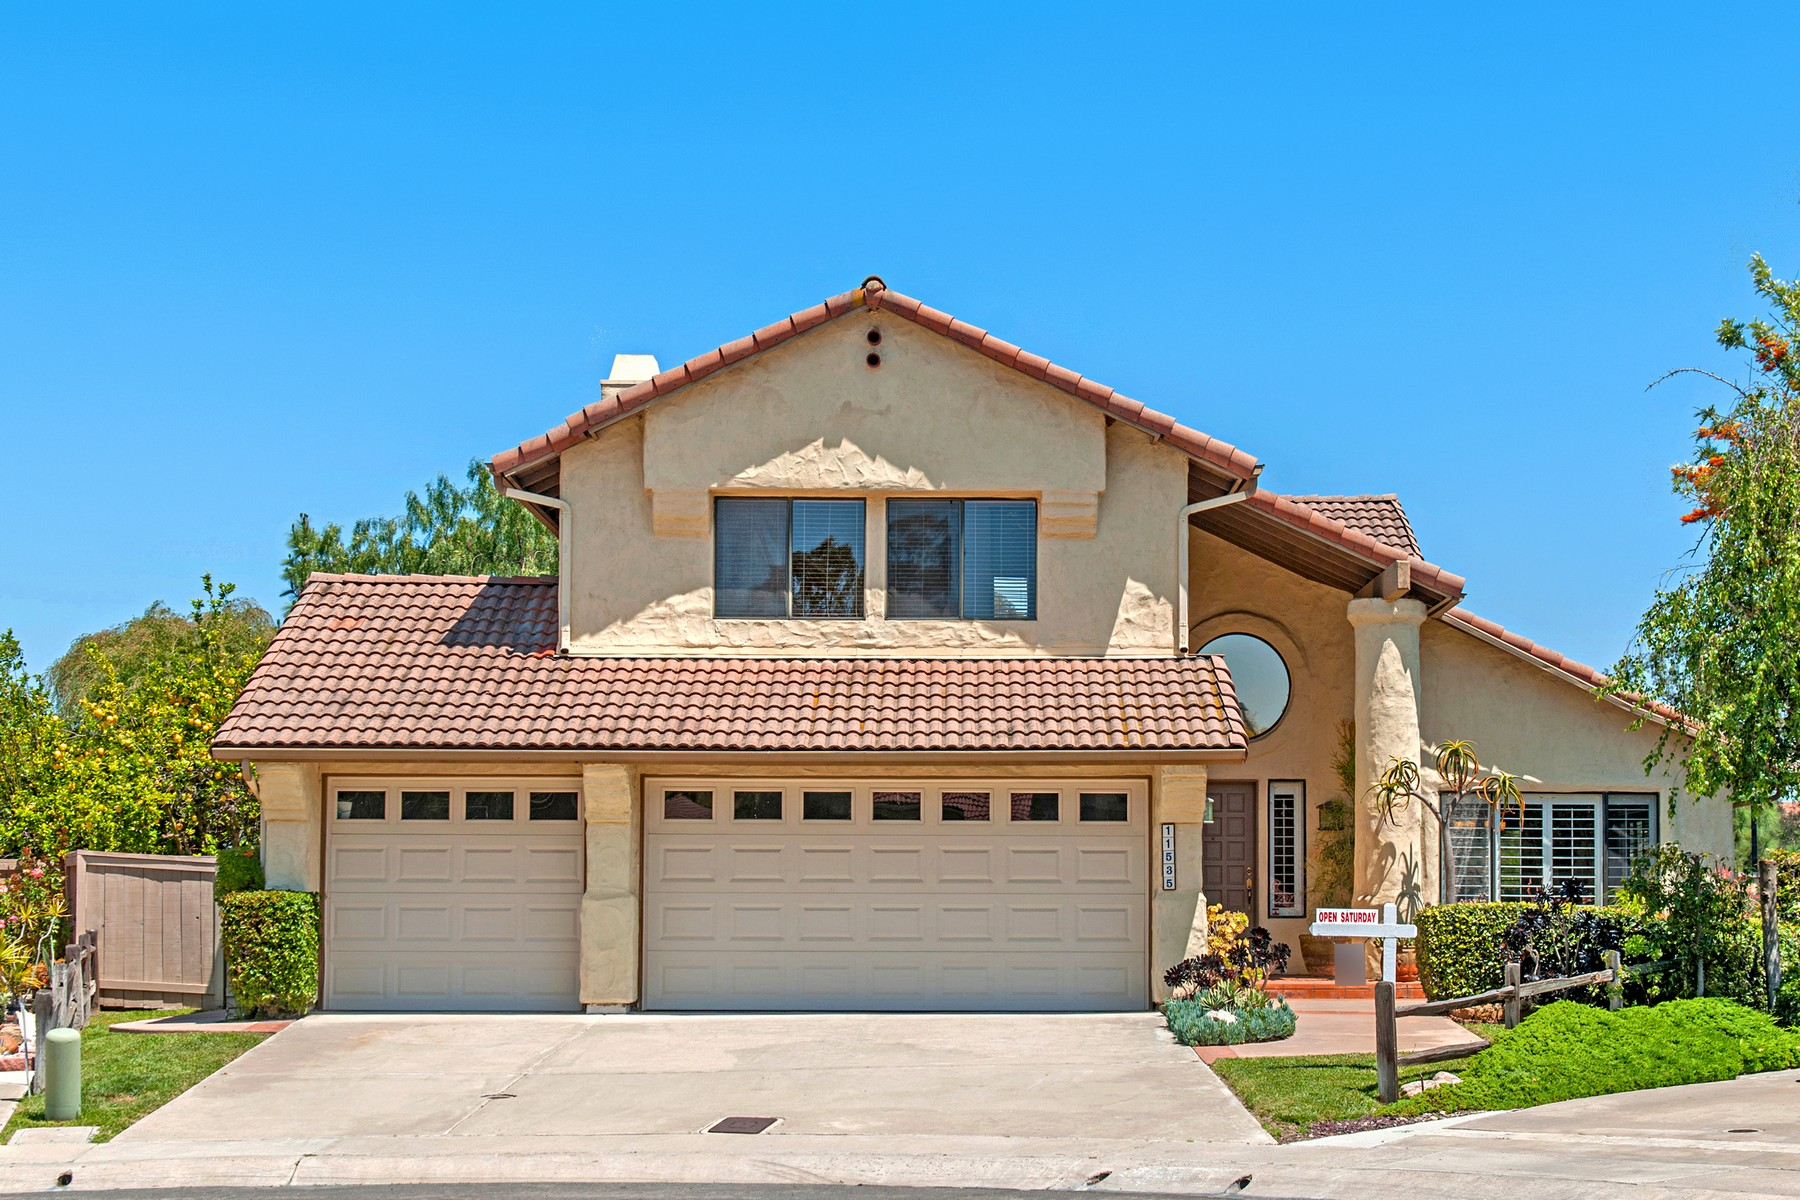 단독 가정 주택 용 매매 에 11535 Eaglesview Court Rancho Bernardo, San Diego, 캘리포니아, 92127 미국